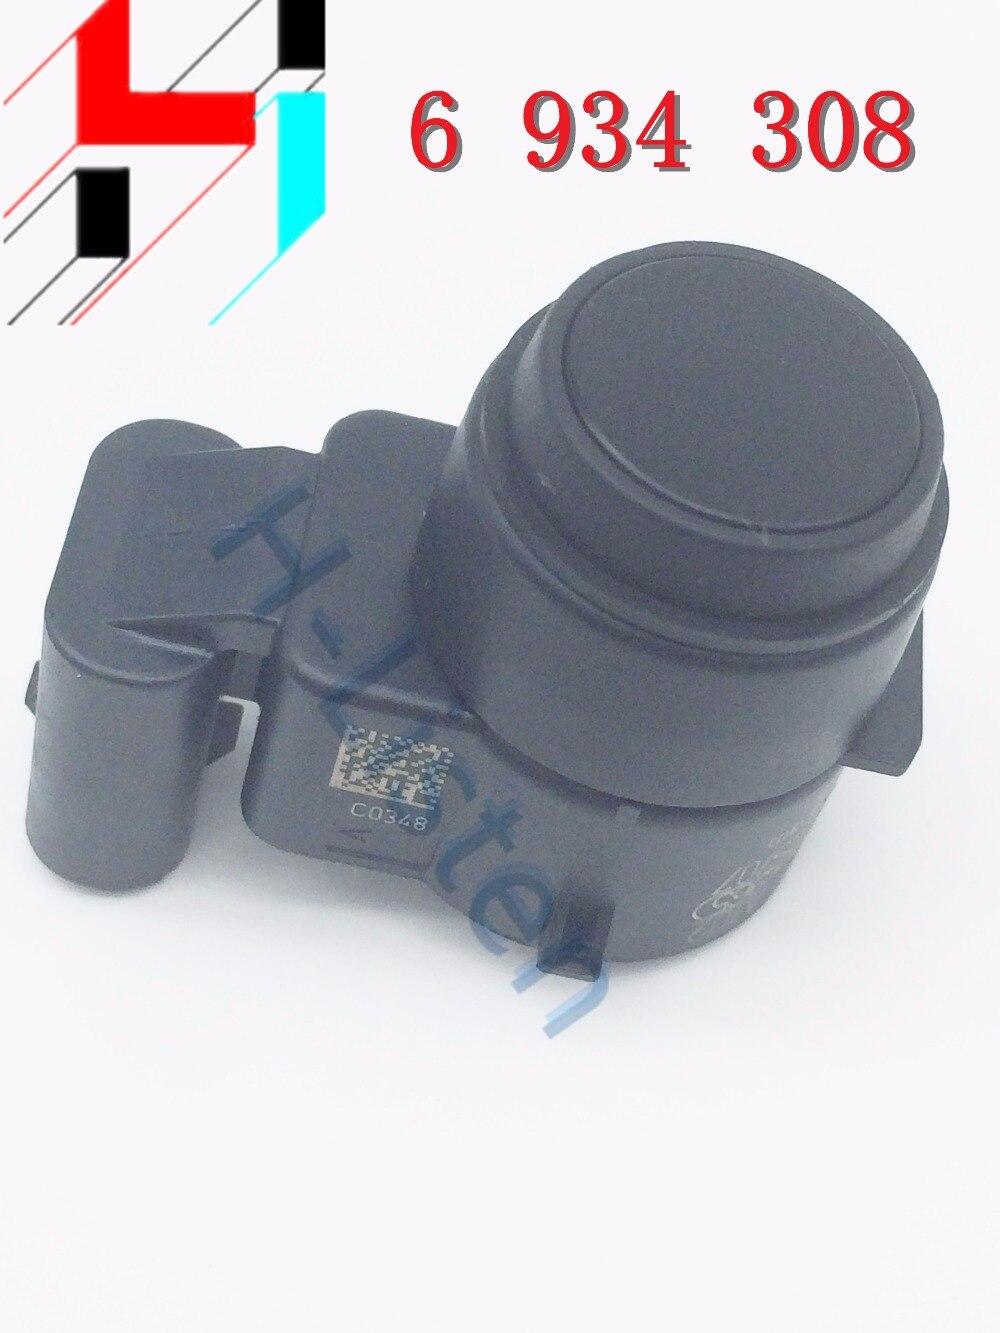 66206934308 original Einparkhilfe 6934308A102 Umkehr Radar Für E84 Z4 E89 R50 R53 R55 R56 R57 0263003244 6934308 9196705